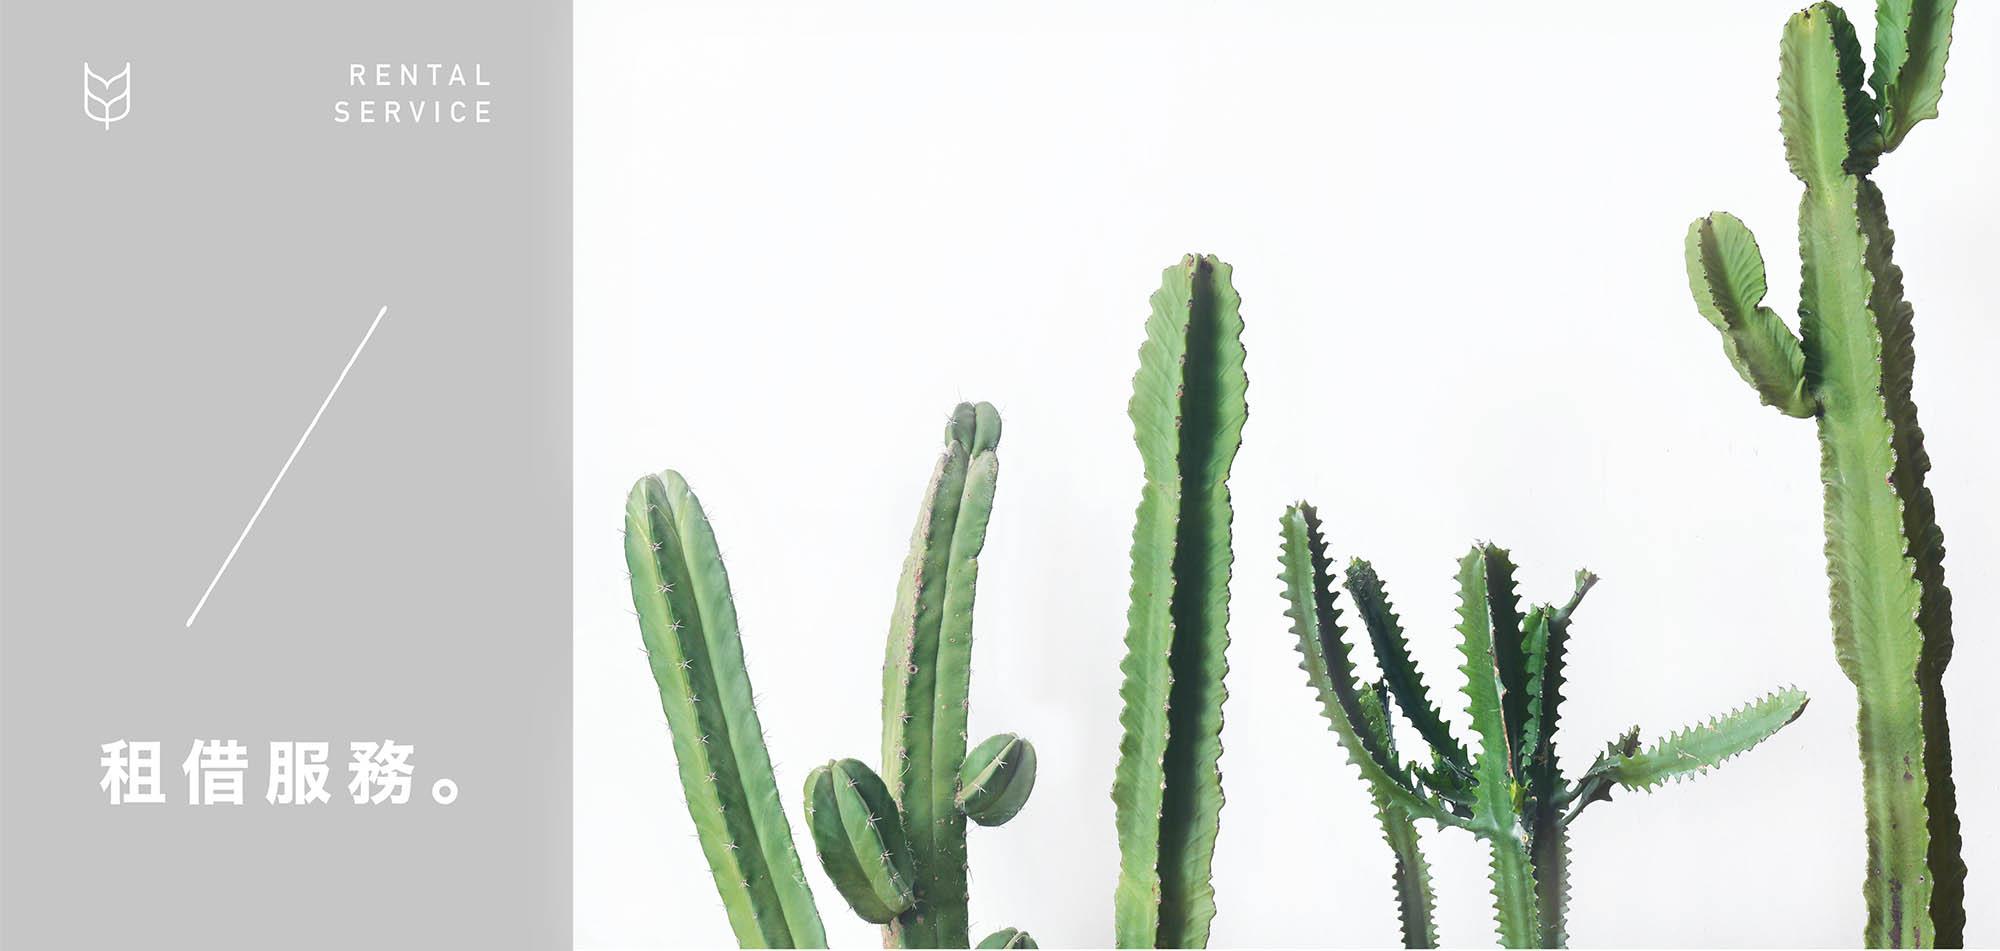 植物租借服務